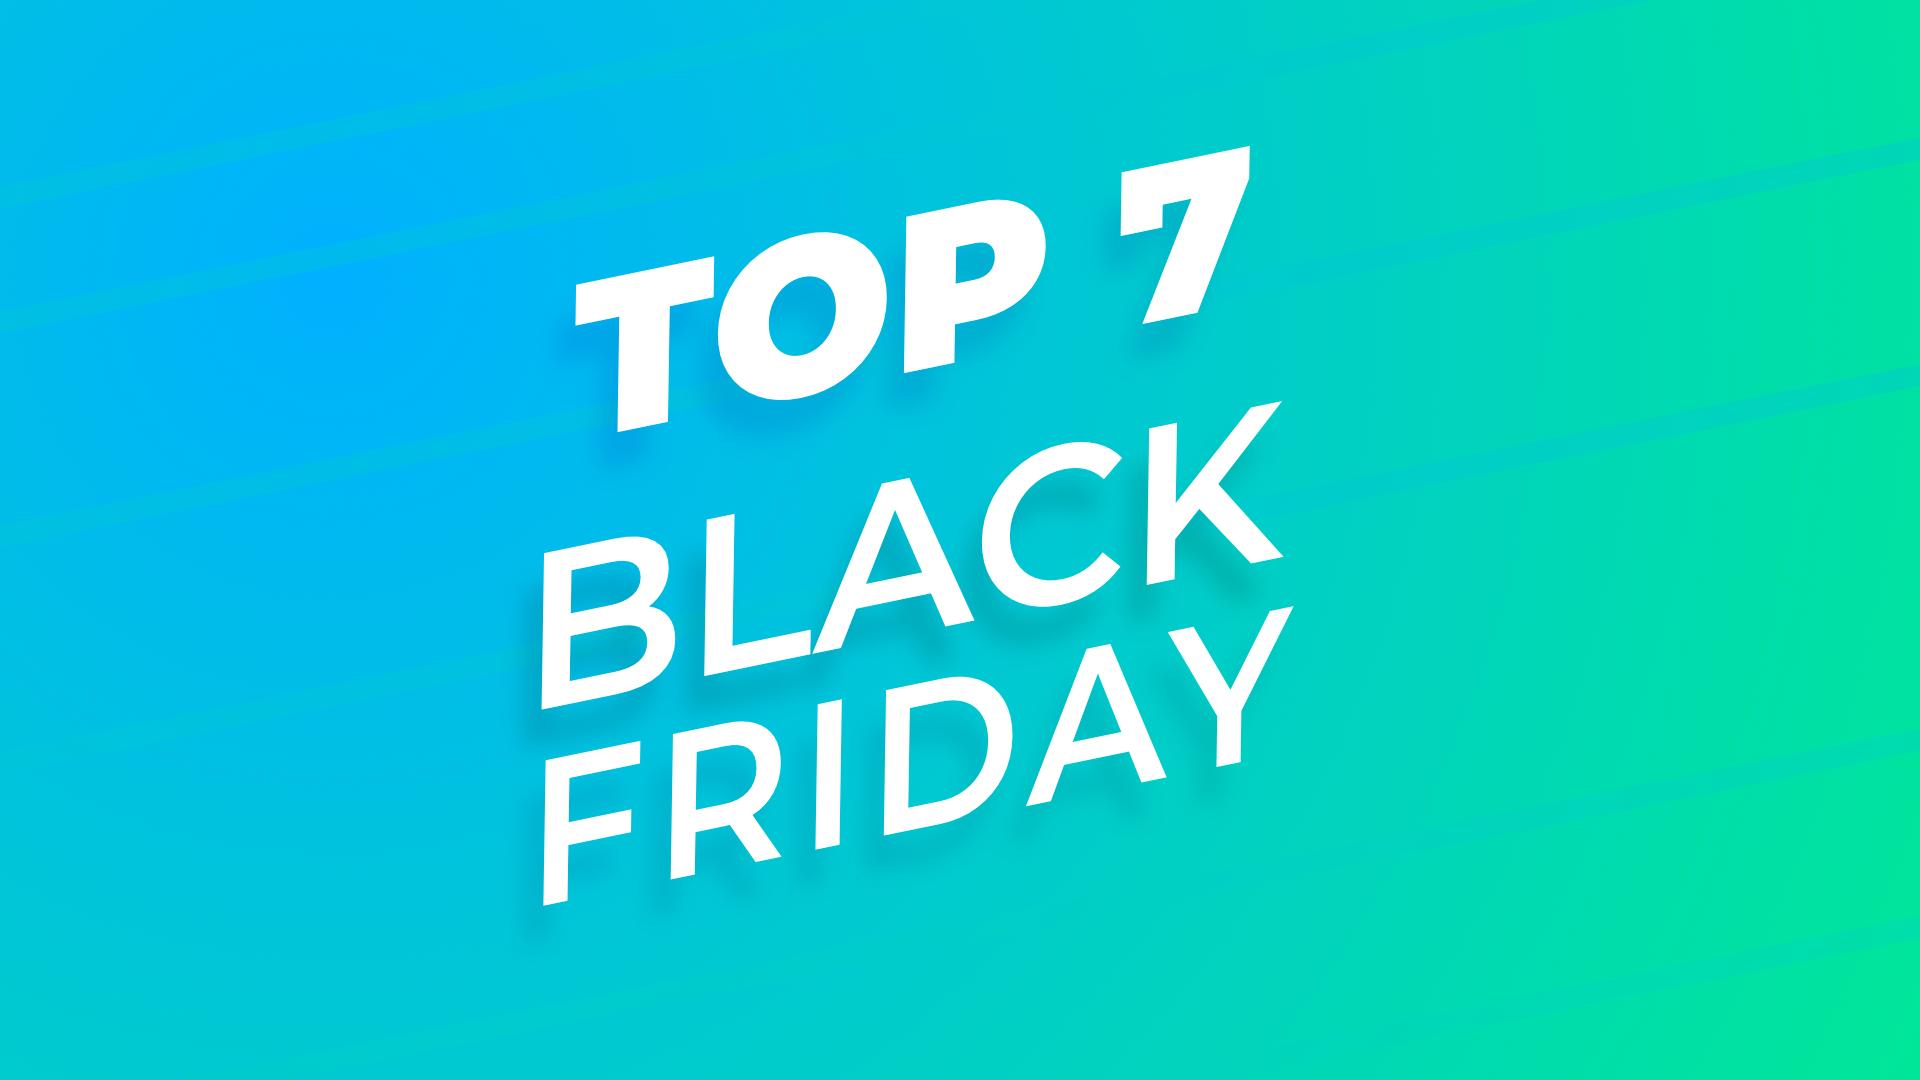 Black Friday : le TOP 7 des offres Amazon et Cdiscount avant l'événement